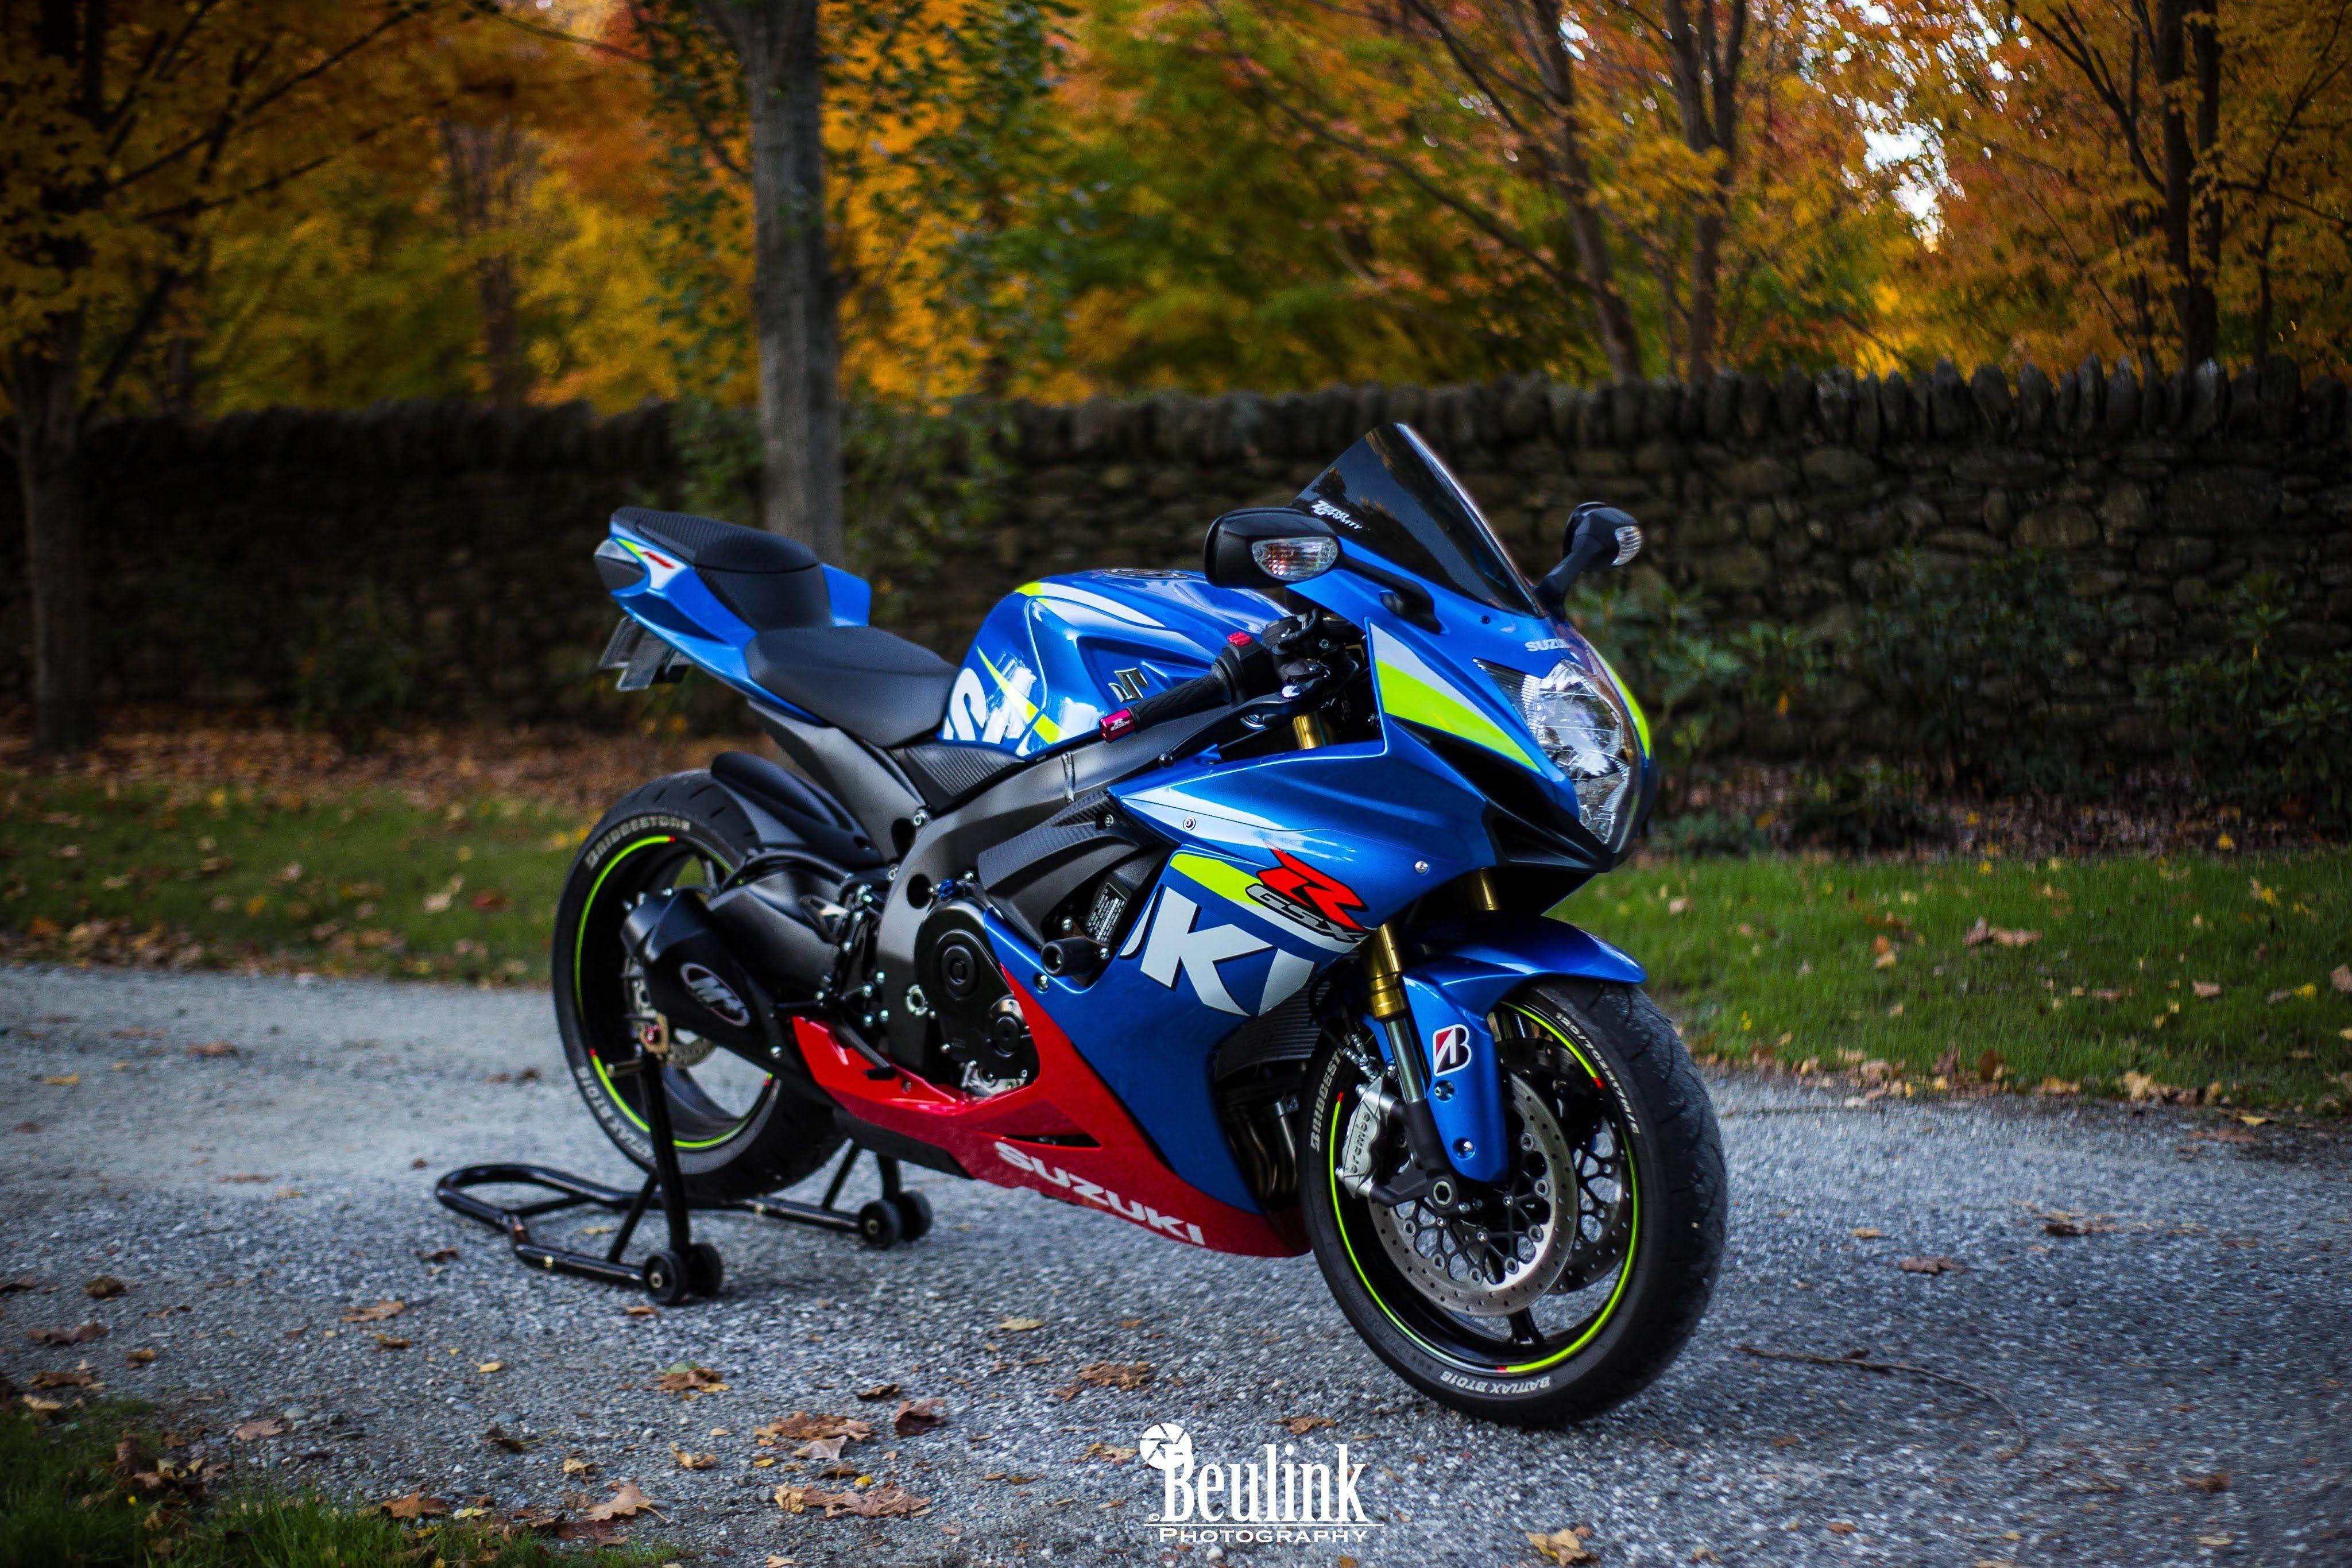 2016 Suzuki Gsxr 750 Bike Ideas Motorbikes Motorcycle Motor Car